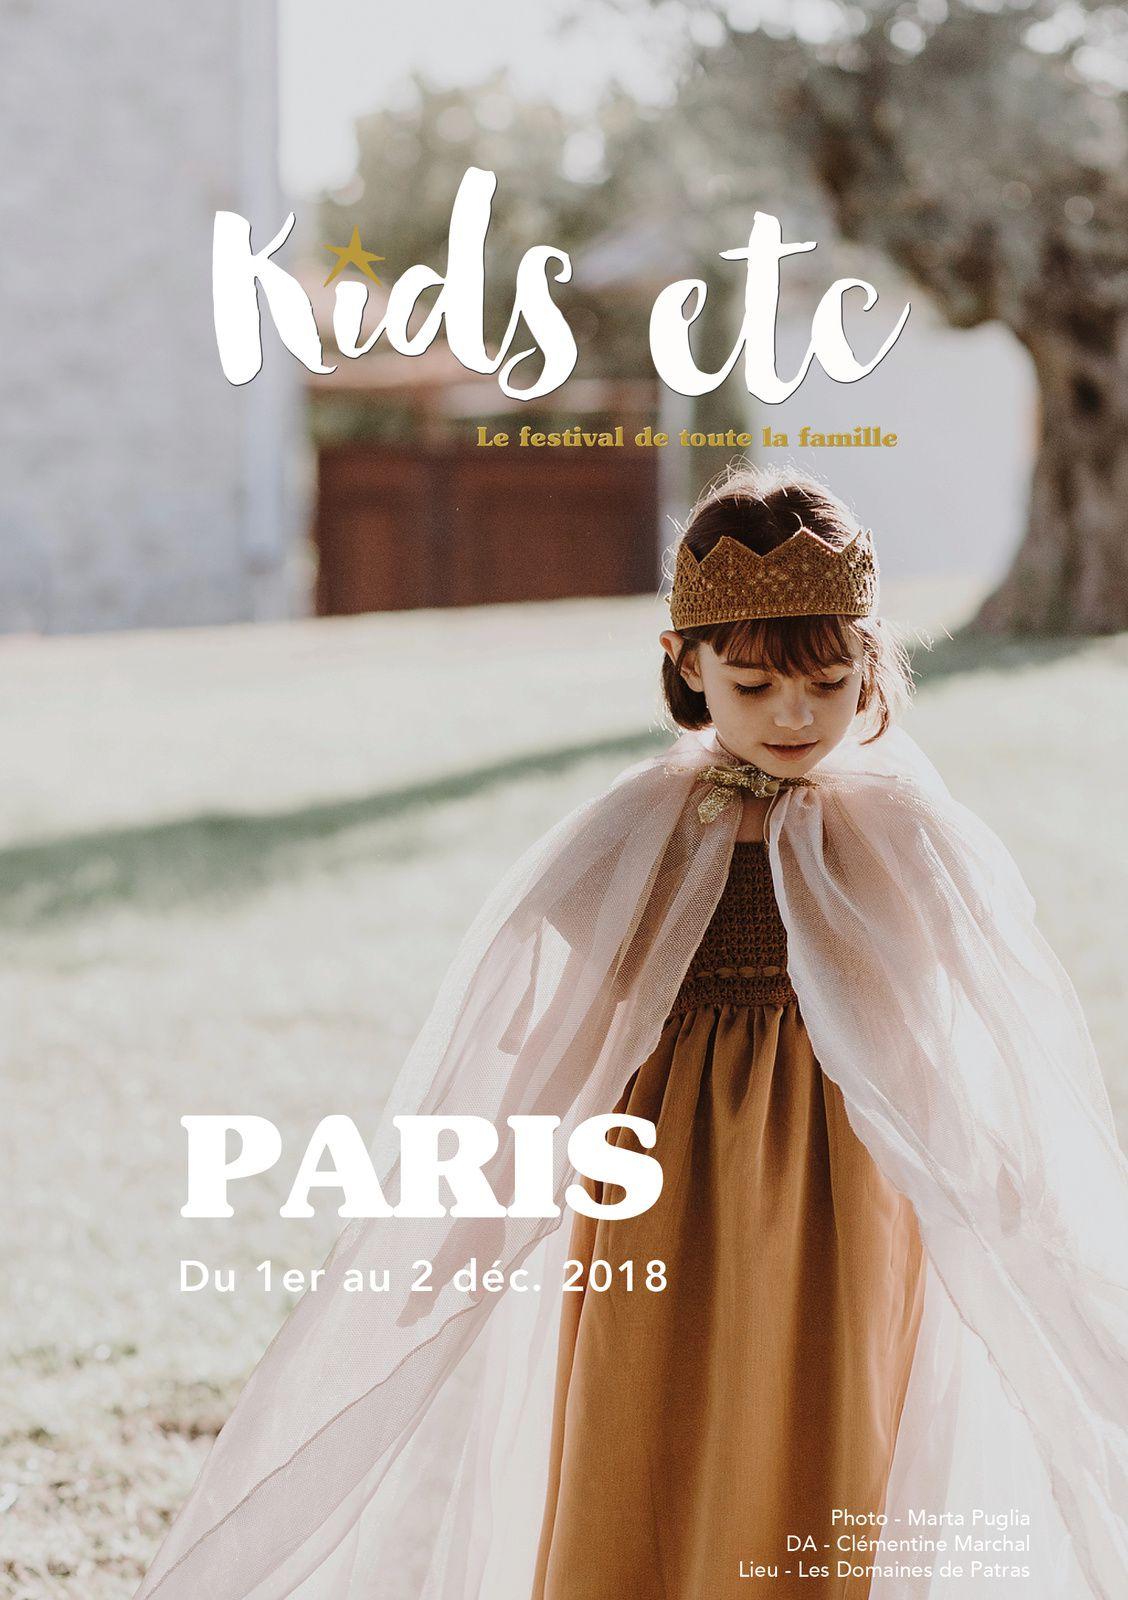 kids etc 2018